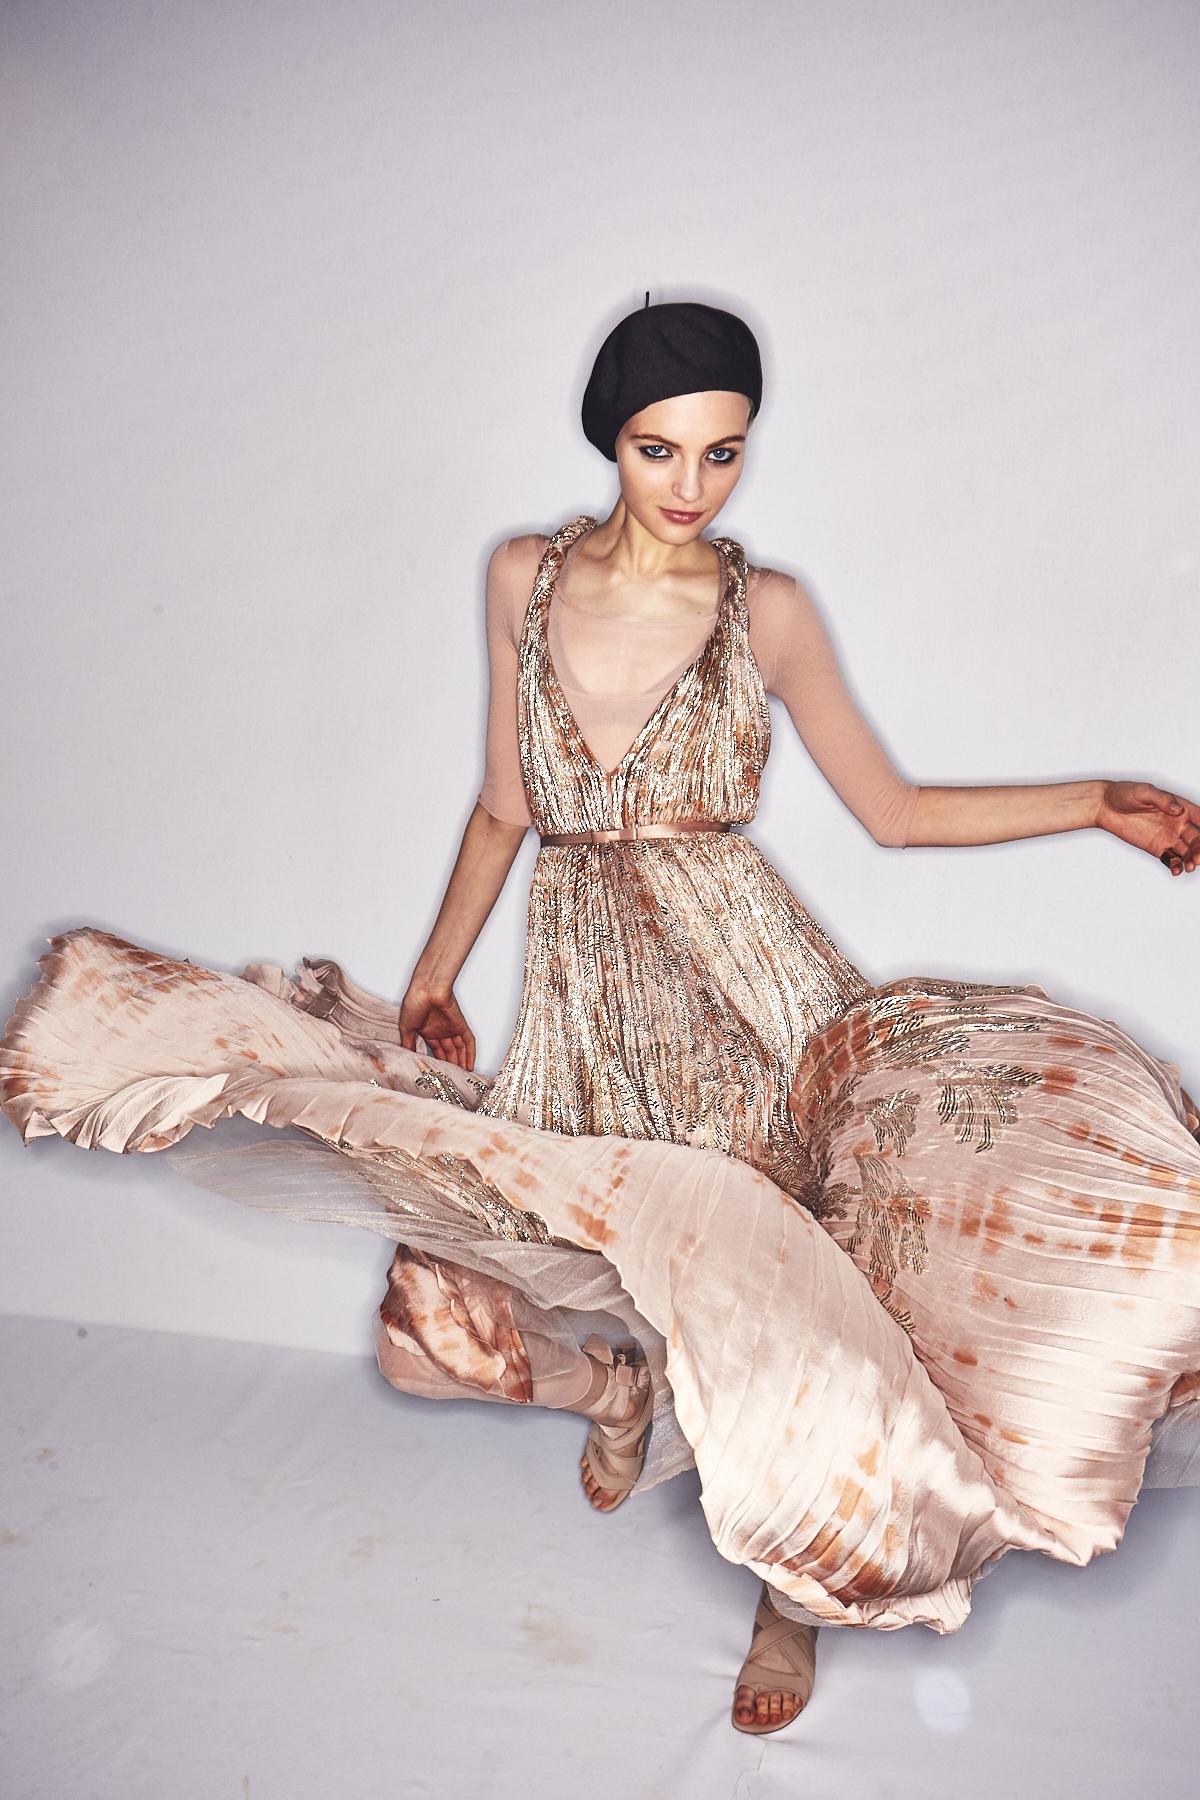 Hier sieht man ein Model im bodenlangen Plissee-Kleid aus der Frühjahr/Sommer 2019 Kollektion von Christian Dior.